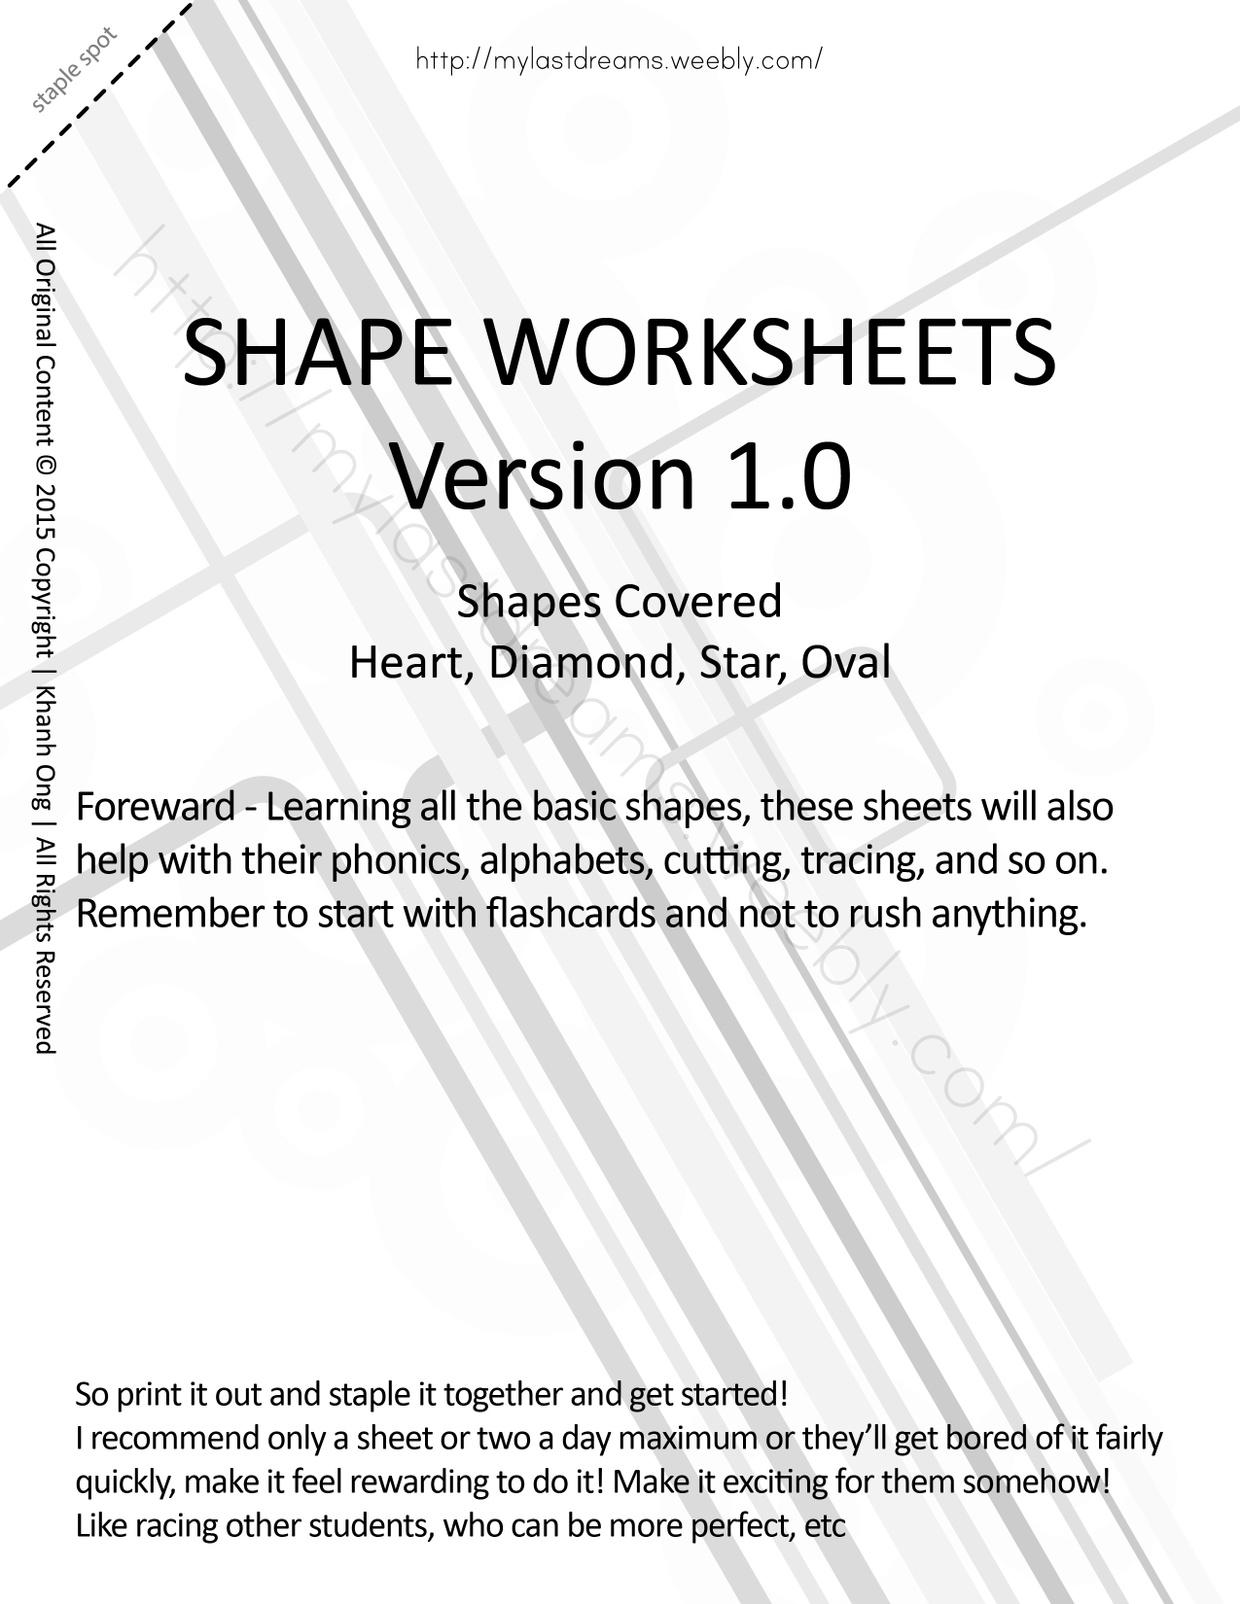 MLD - Basic Shapes Worksheets - Part 2 - Letter Sized